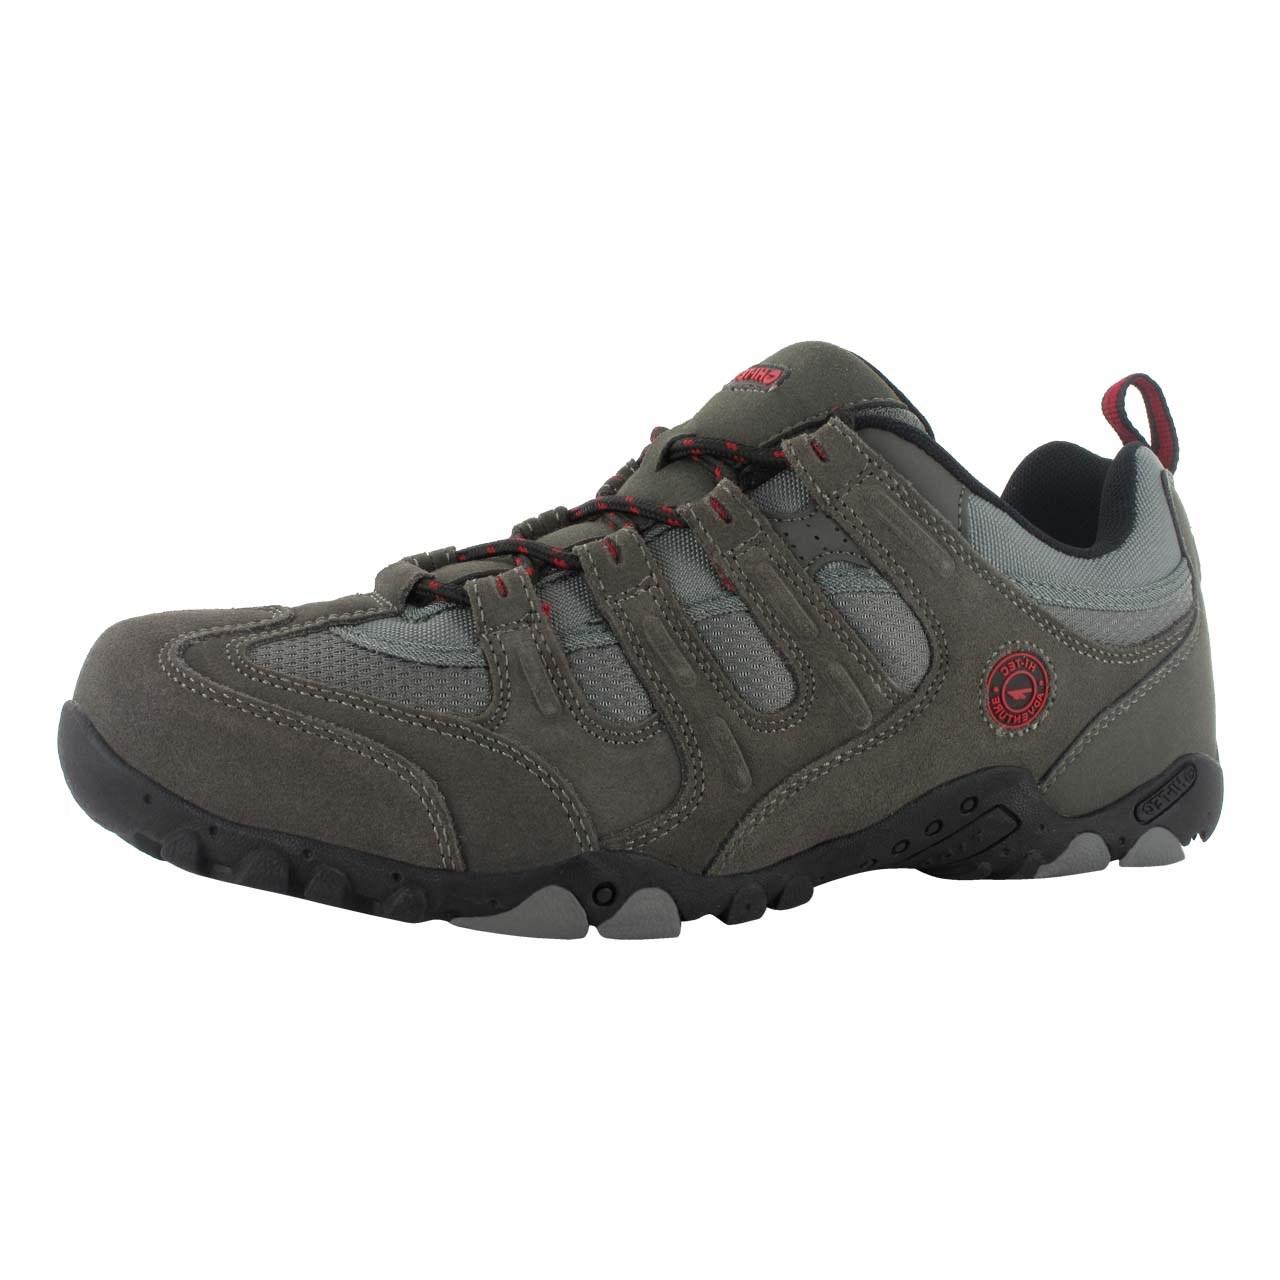 قیمت کفش کوهنوردی مردانه های تک مدل Quadra